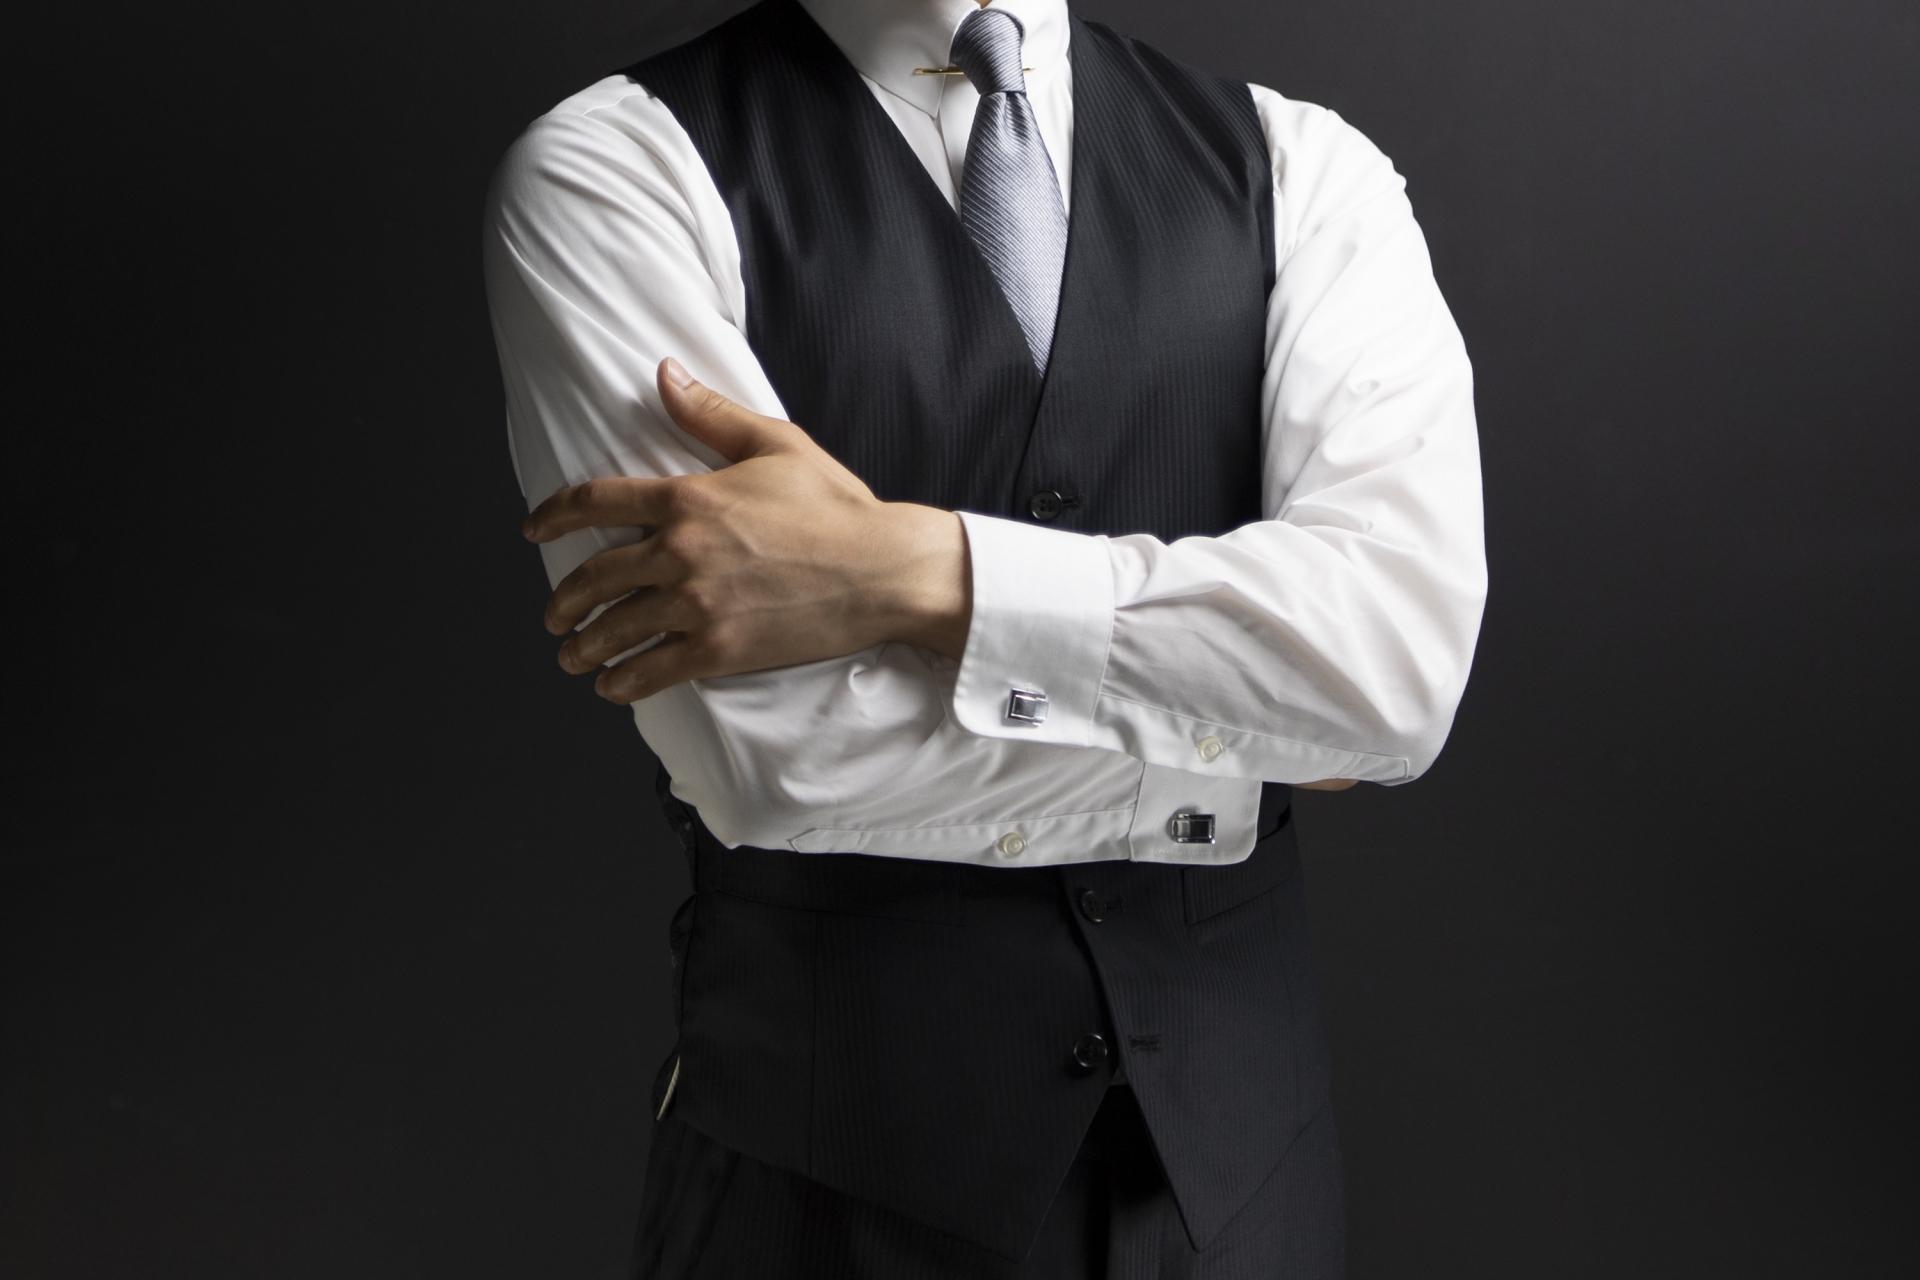 スーツのベストの着こなし方・マナーまとめ!結婚式などでクールにキメるには?